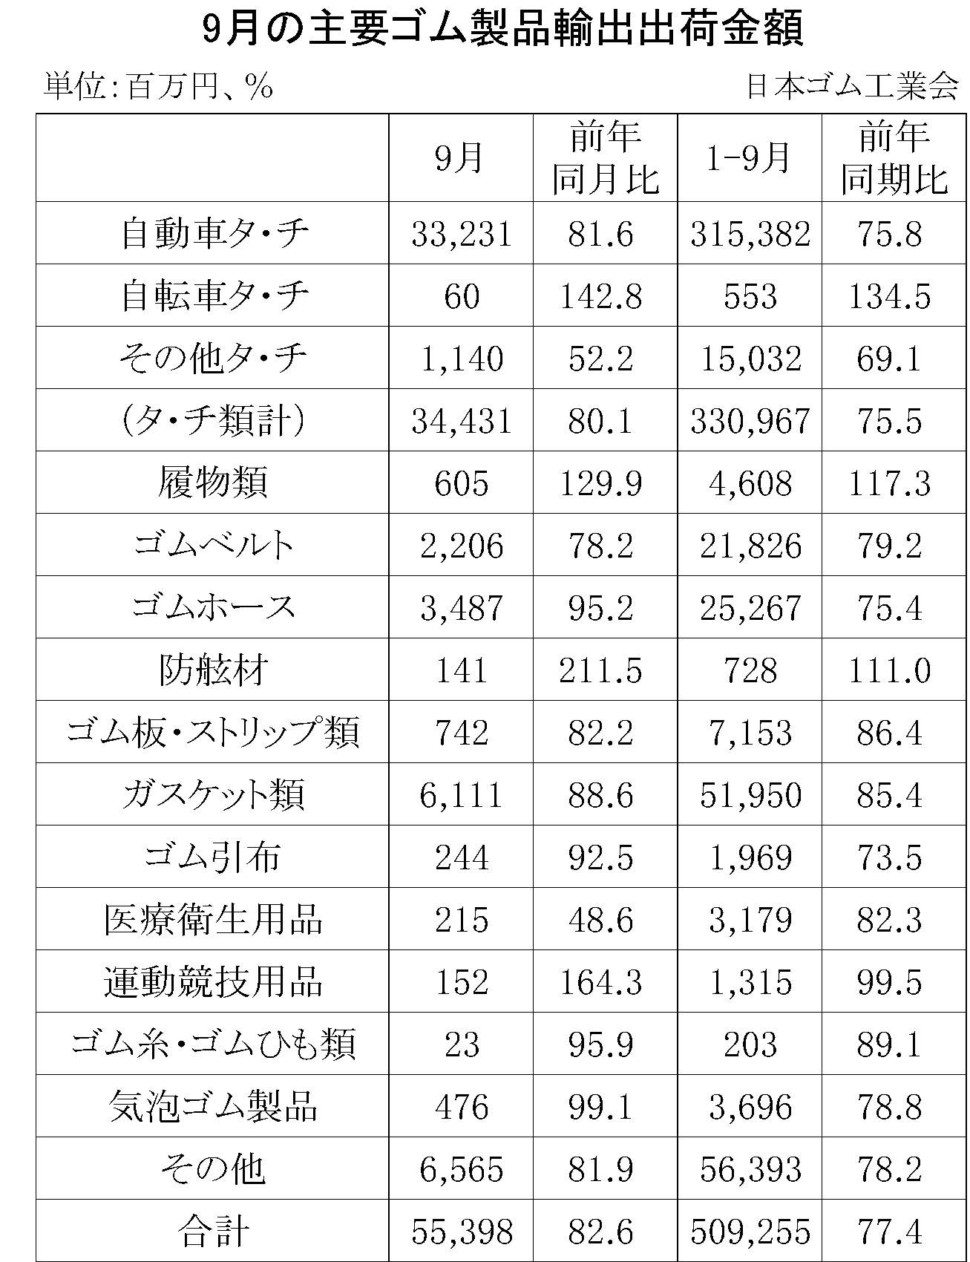 9月のゴム製品輸出